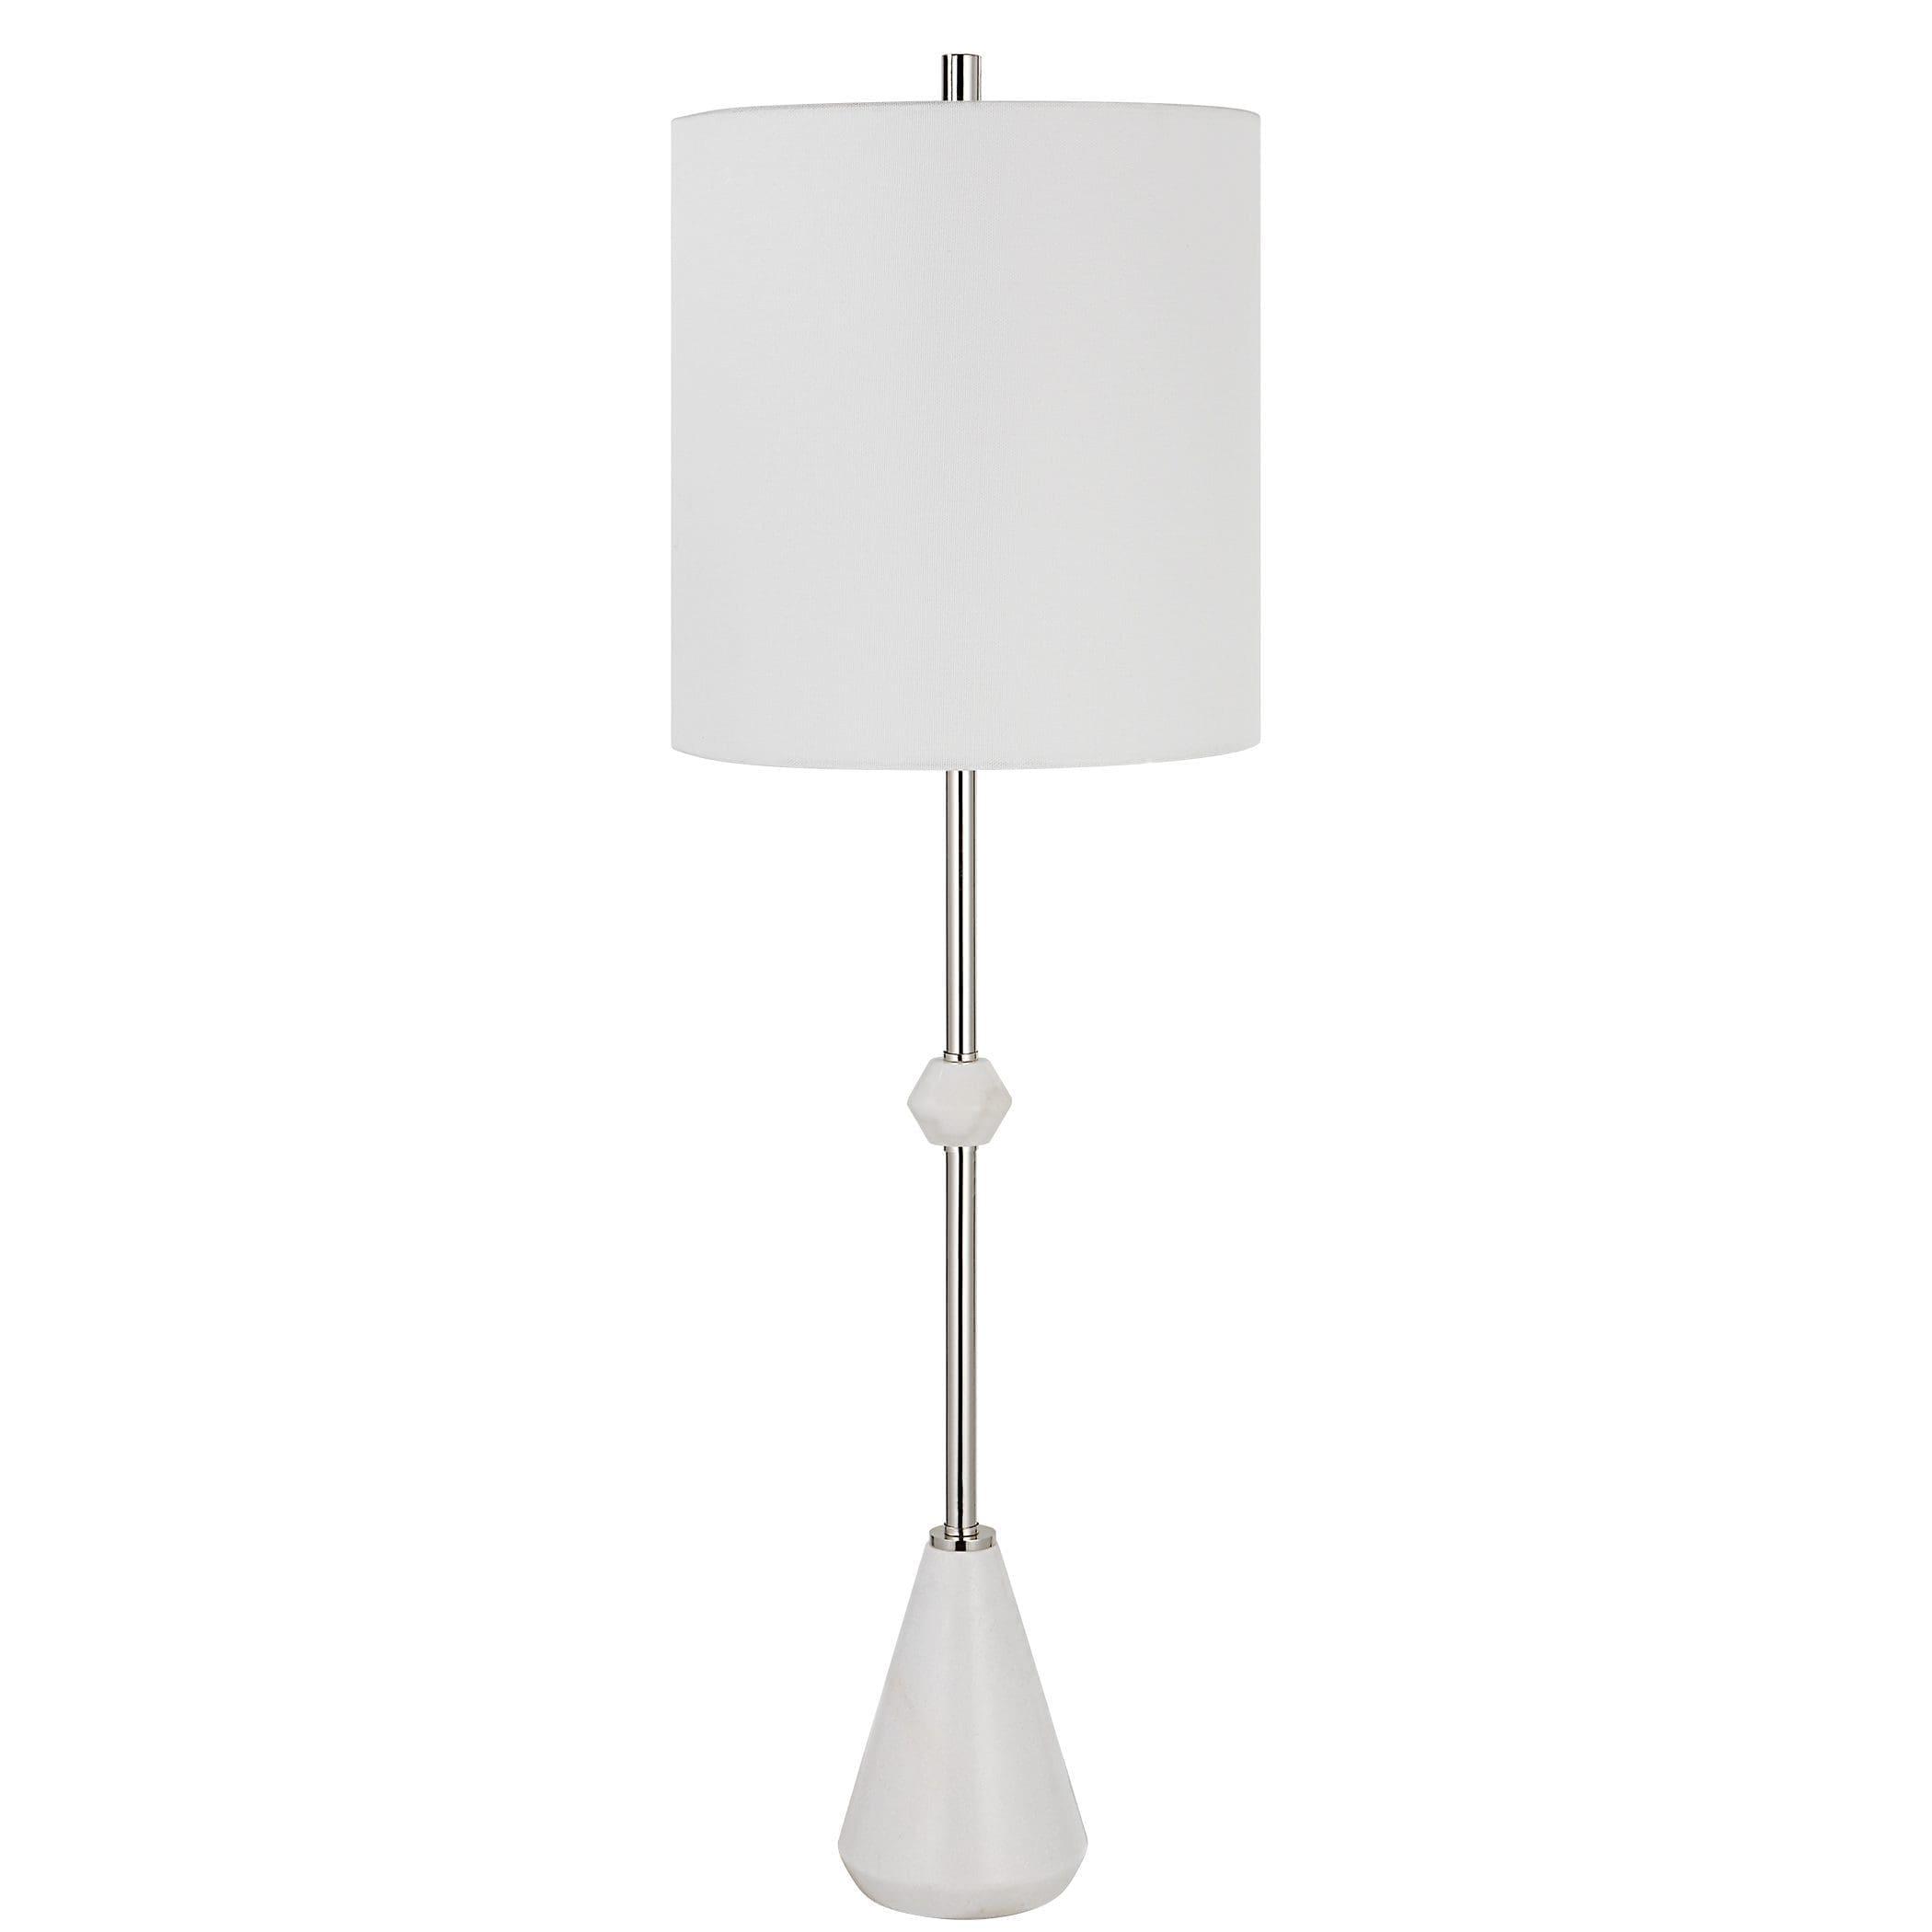 Uttermost Chantilly Modern White Buffet Lamp